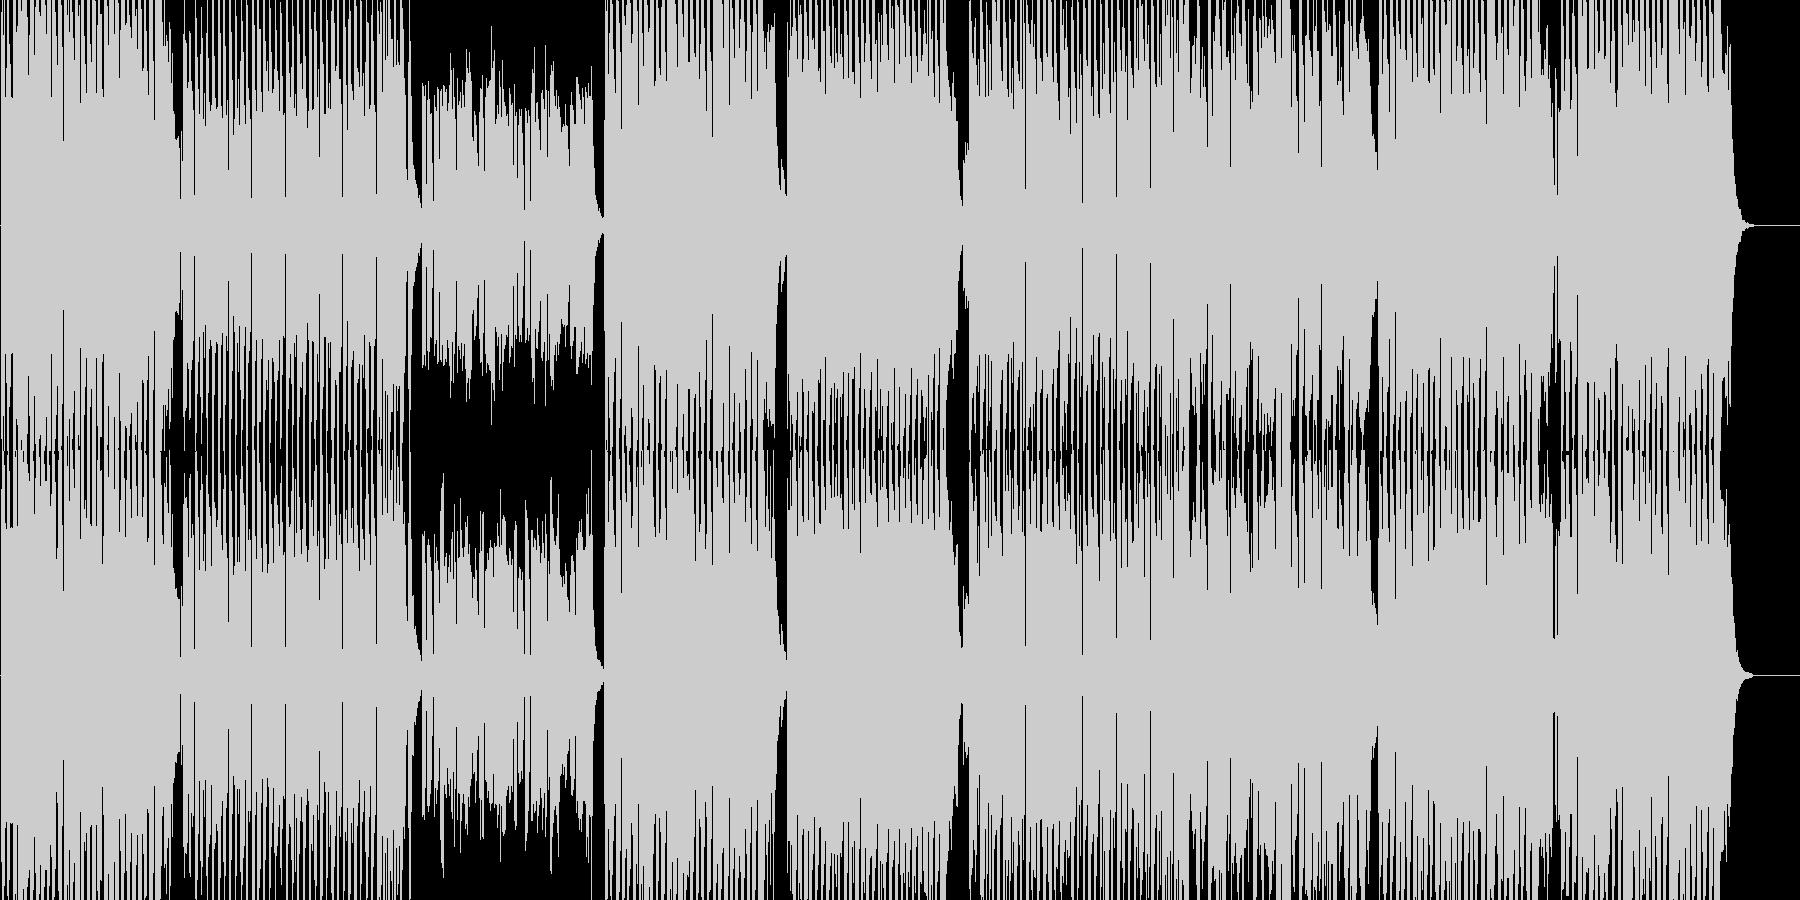 ポップなEDM系インスト曲の未再生の波形